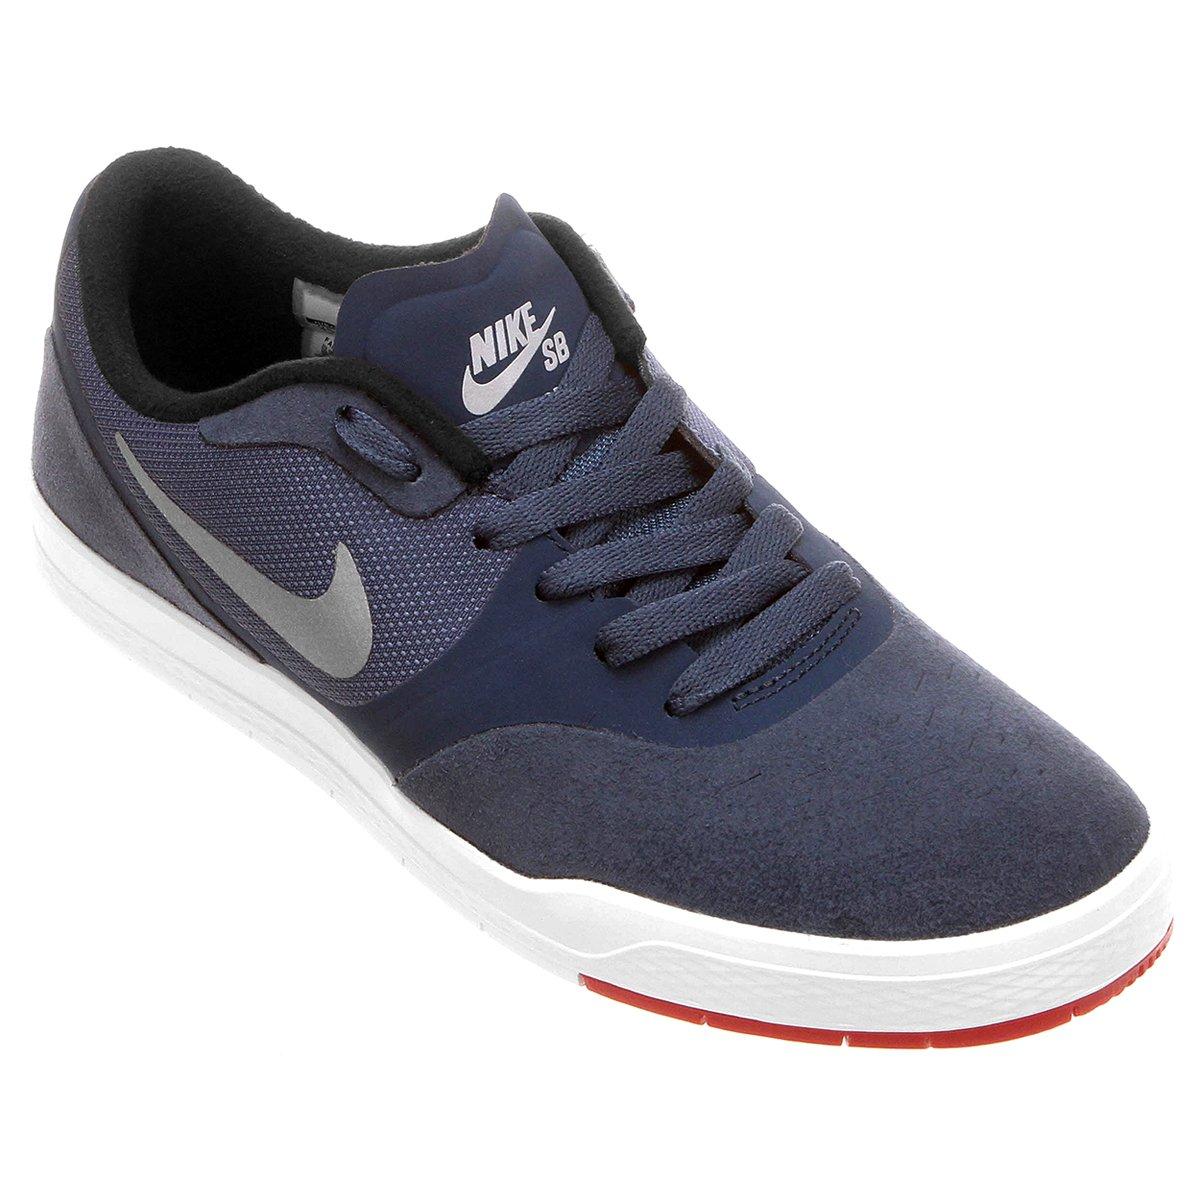 1956c50c25 Tênis Nike Paul Rodriguez 9 Cs - Compre Agora